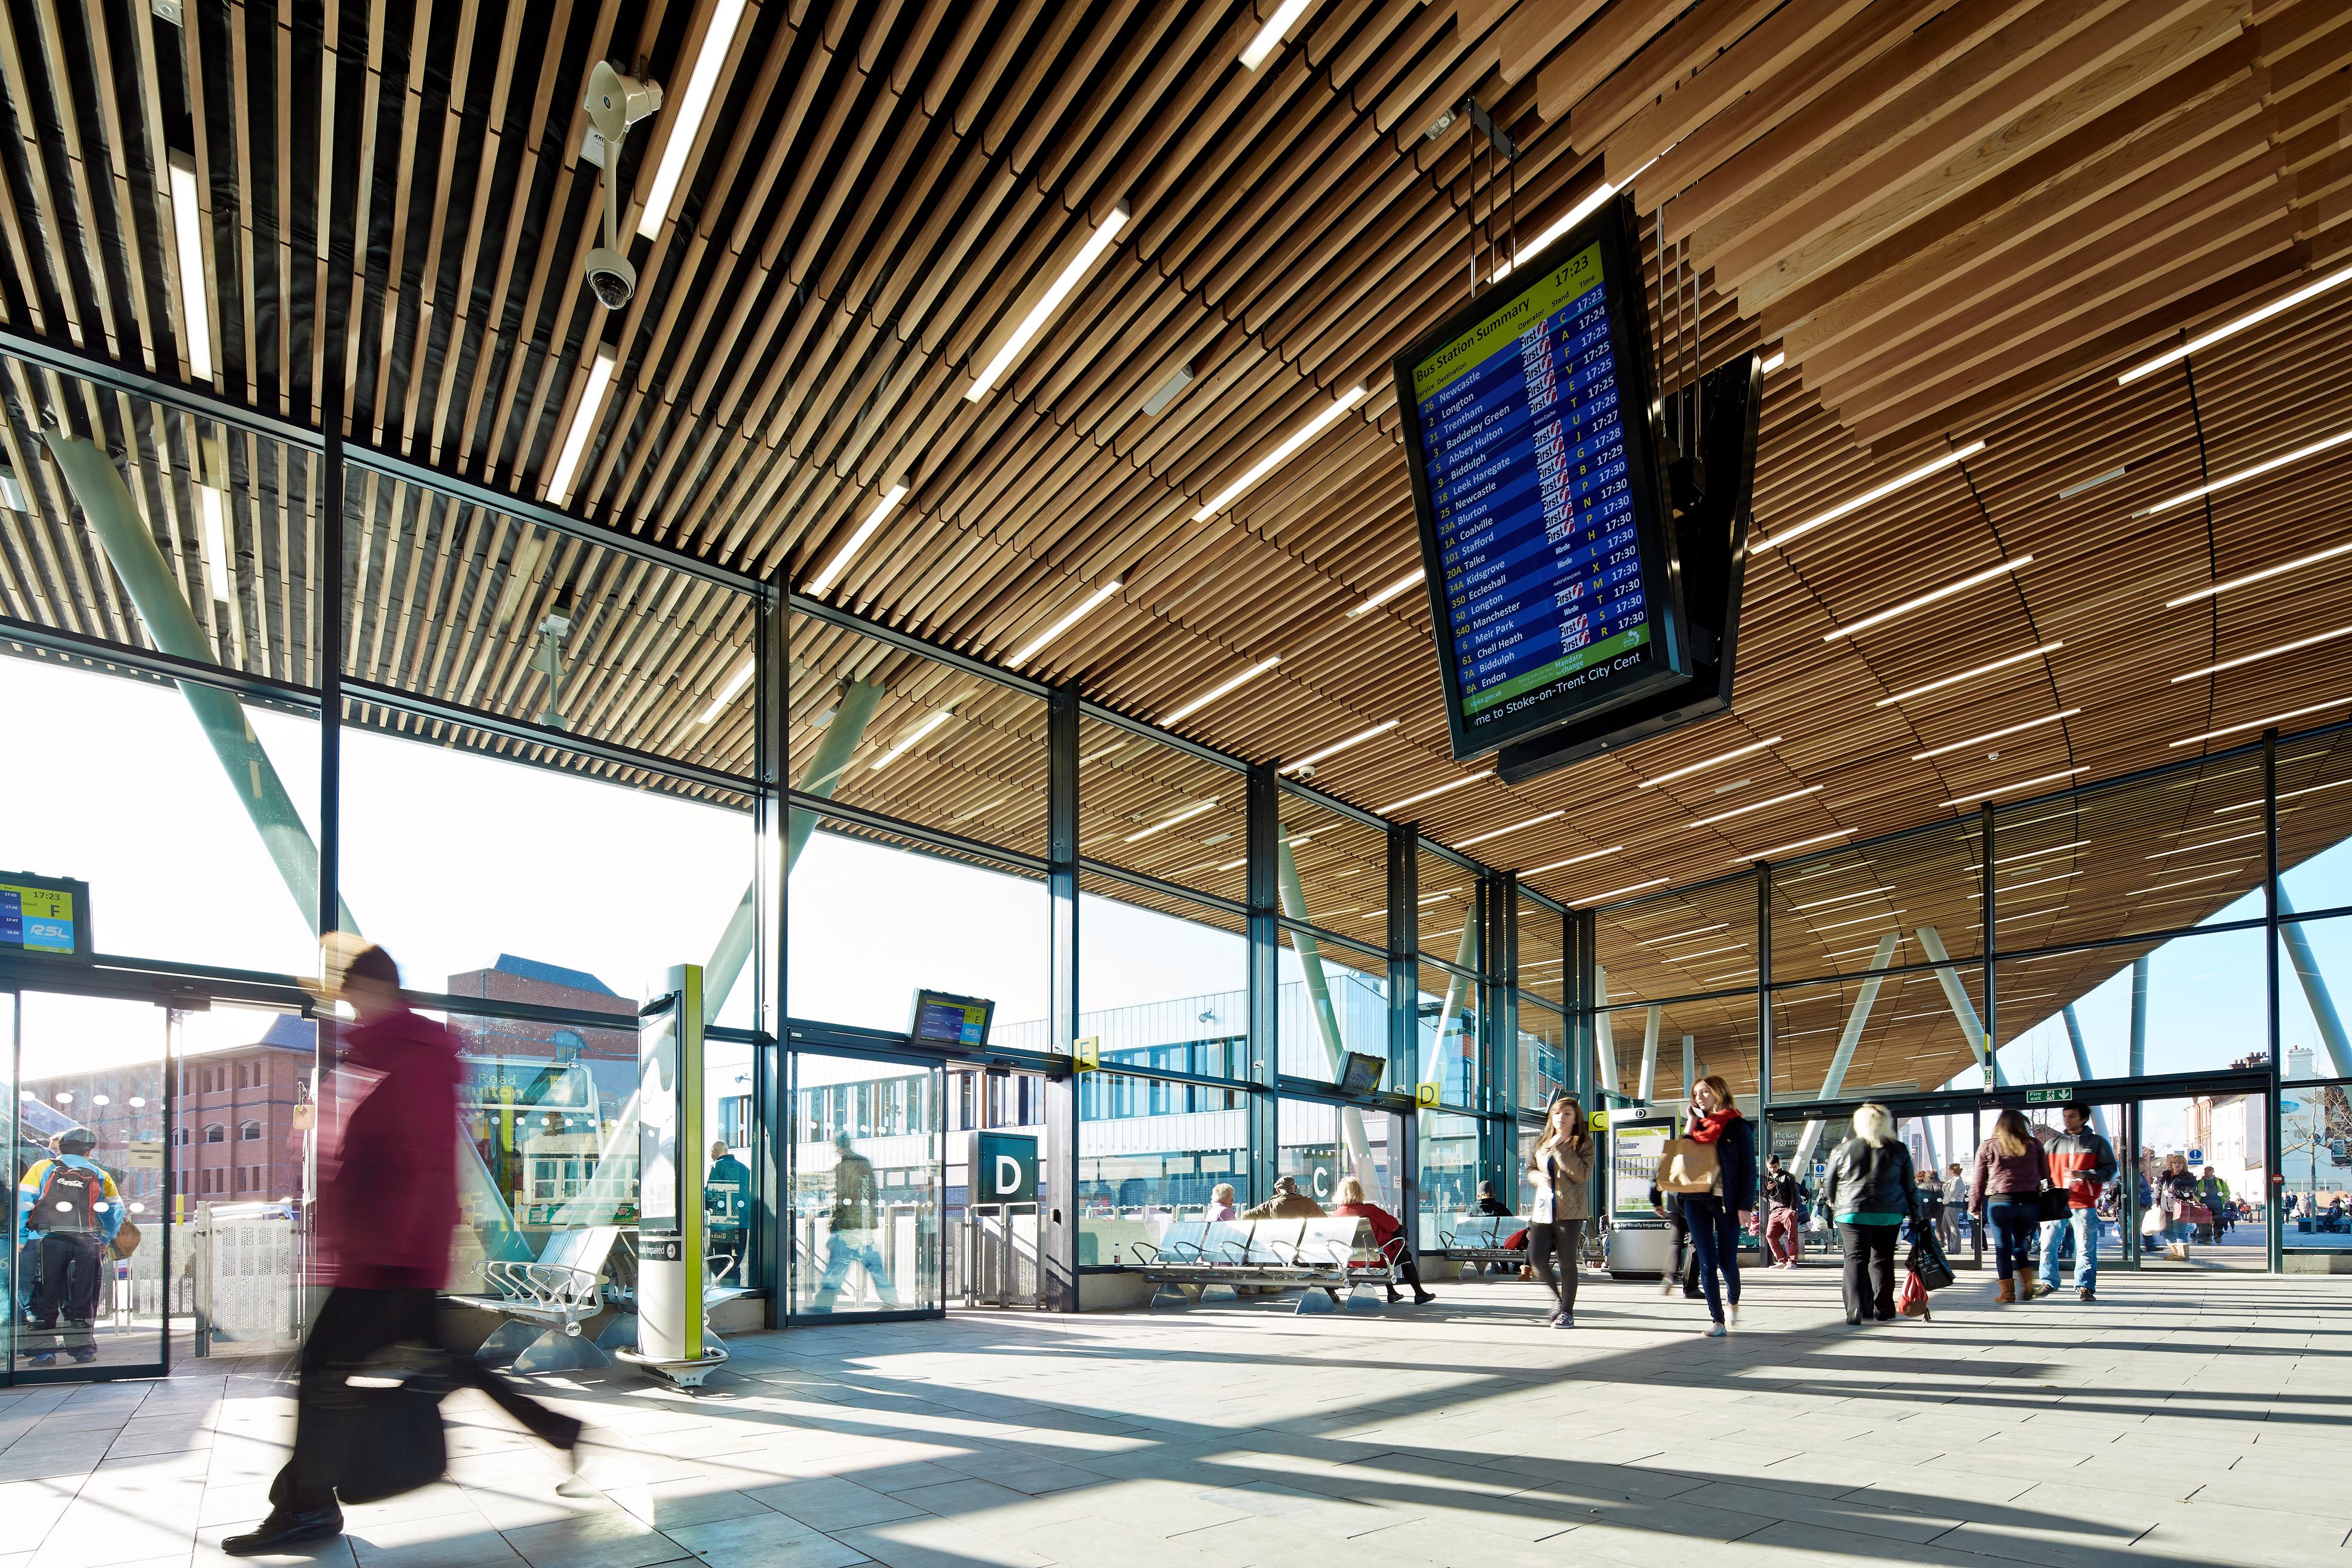 Bus Station - Stoke on Trent